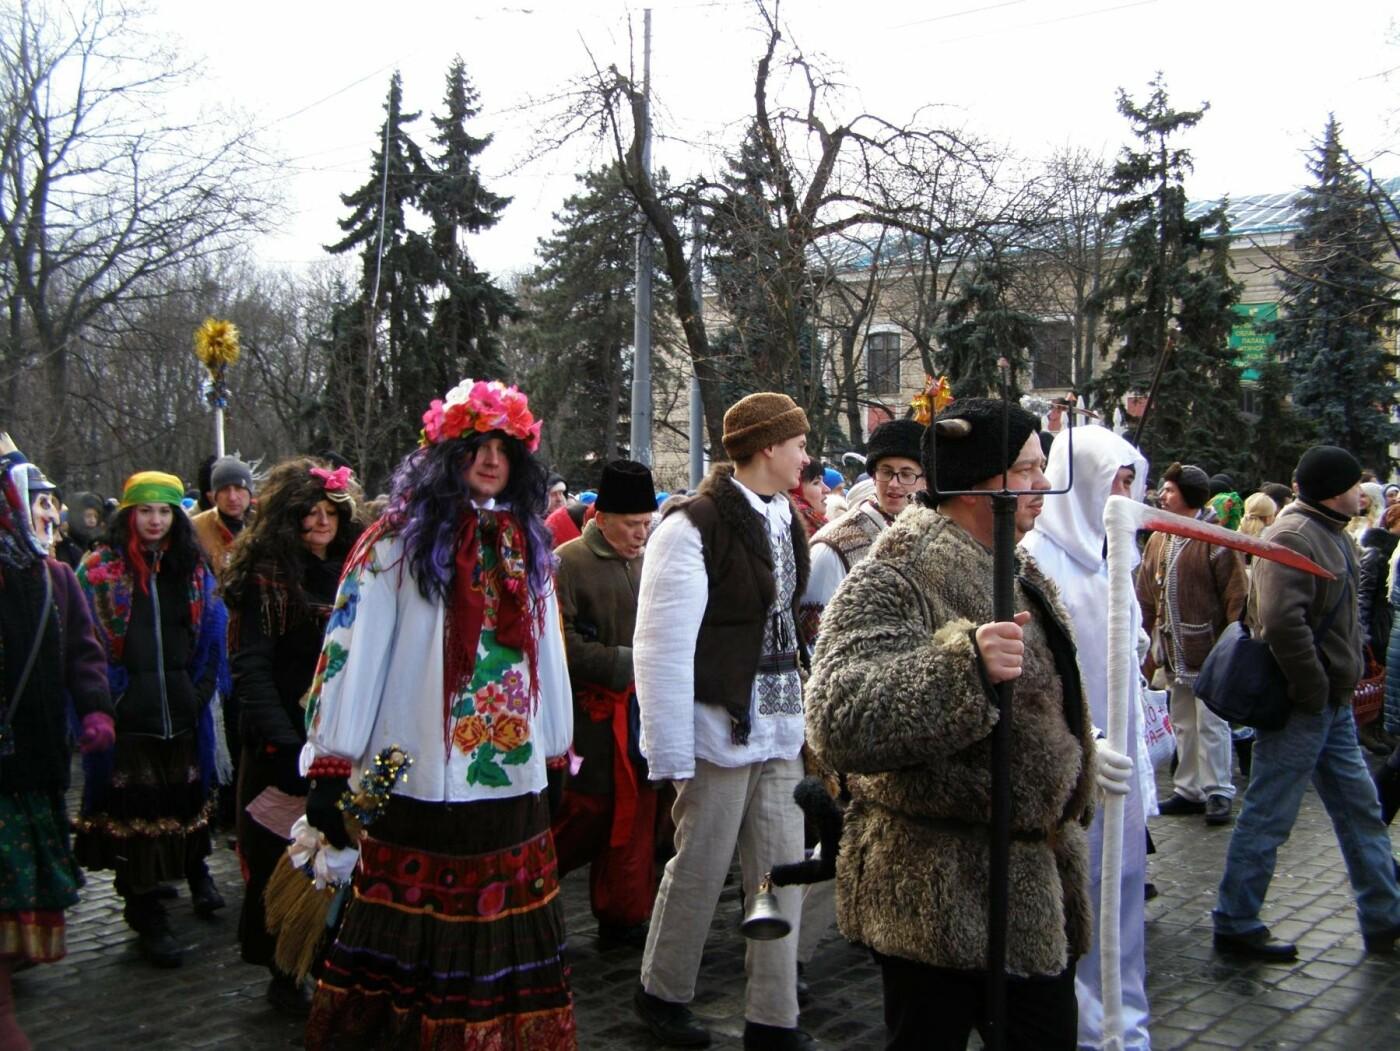 Харьков заполонили ангелы, козы и черти: в городе прошел масштабный фестиваль вертепов (ФОТО), фото-26